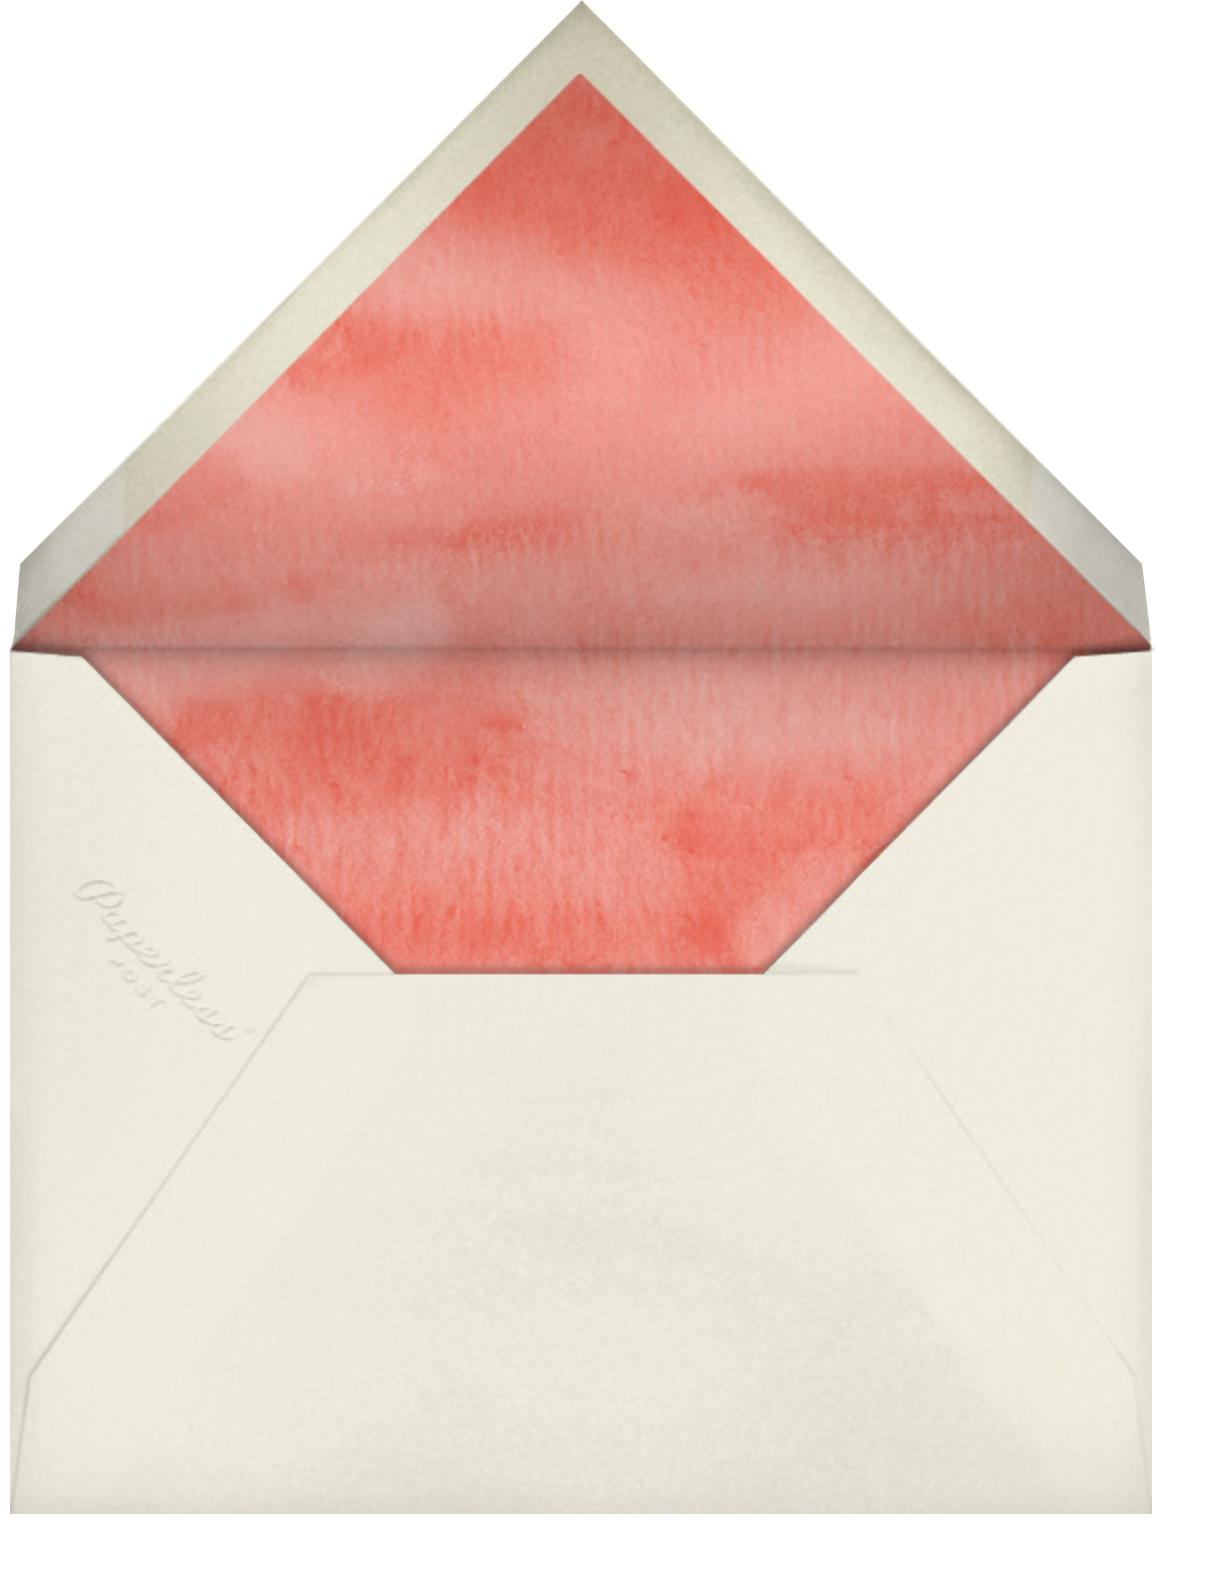 Autumn Boughs (Save the Date) - Felix Doolittle - Destination - envelope back